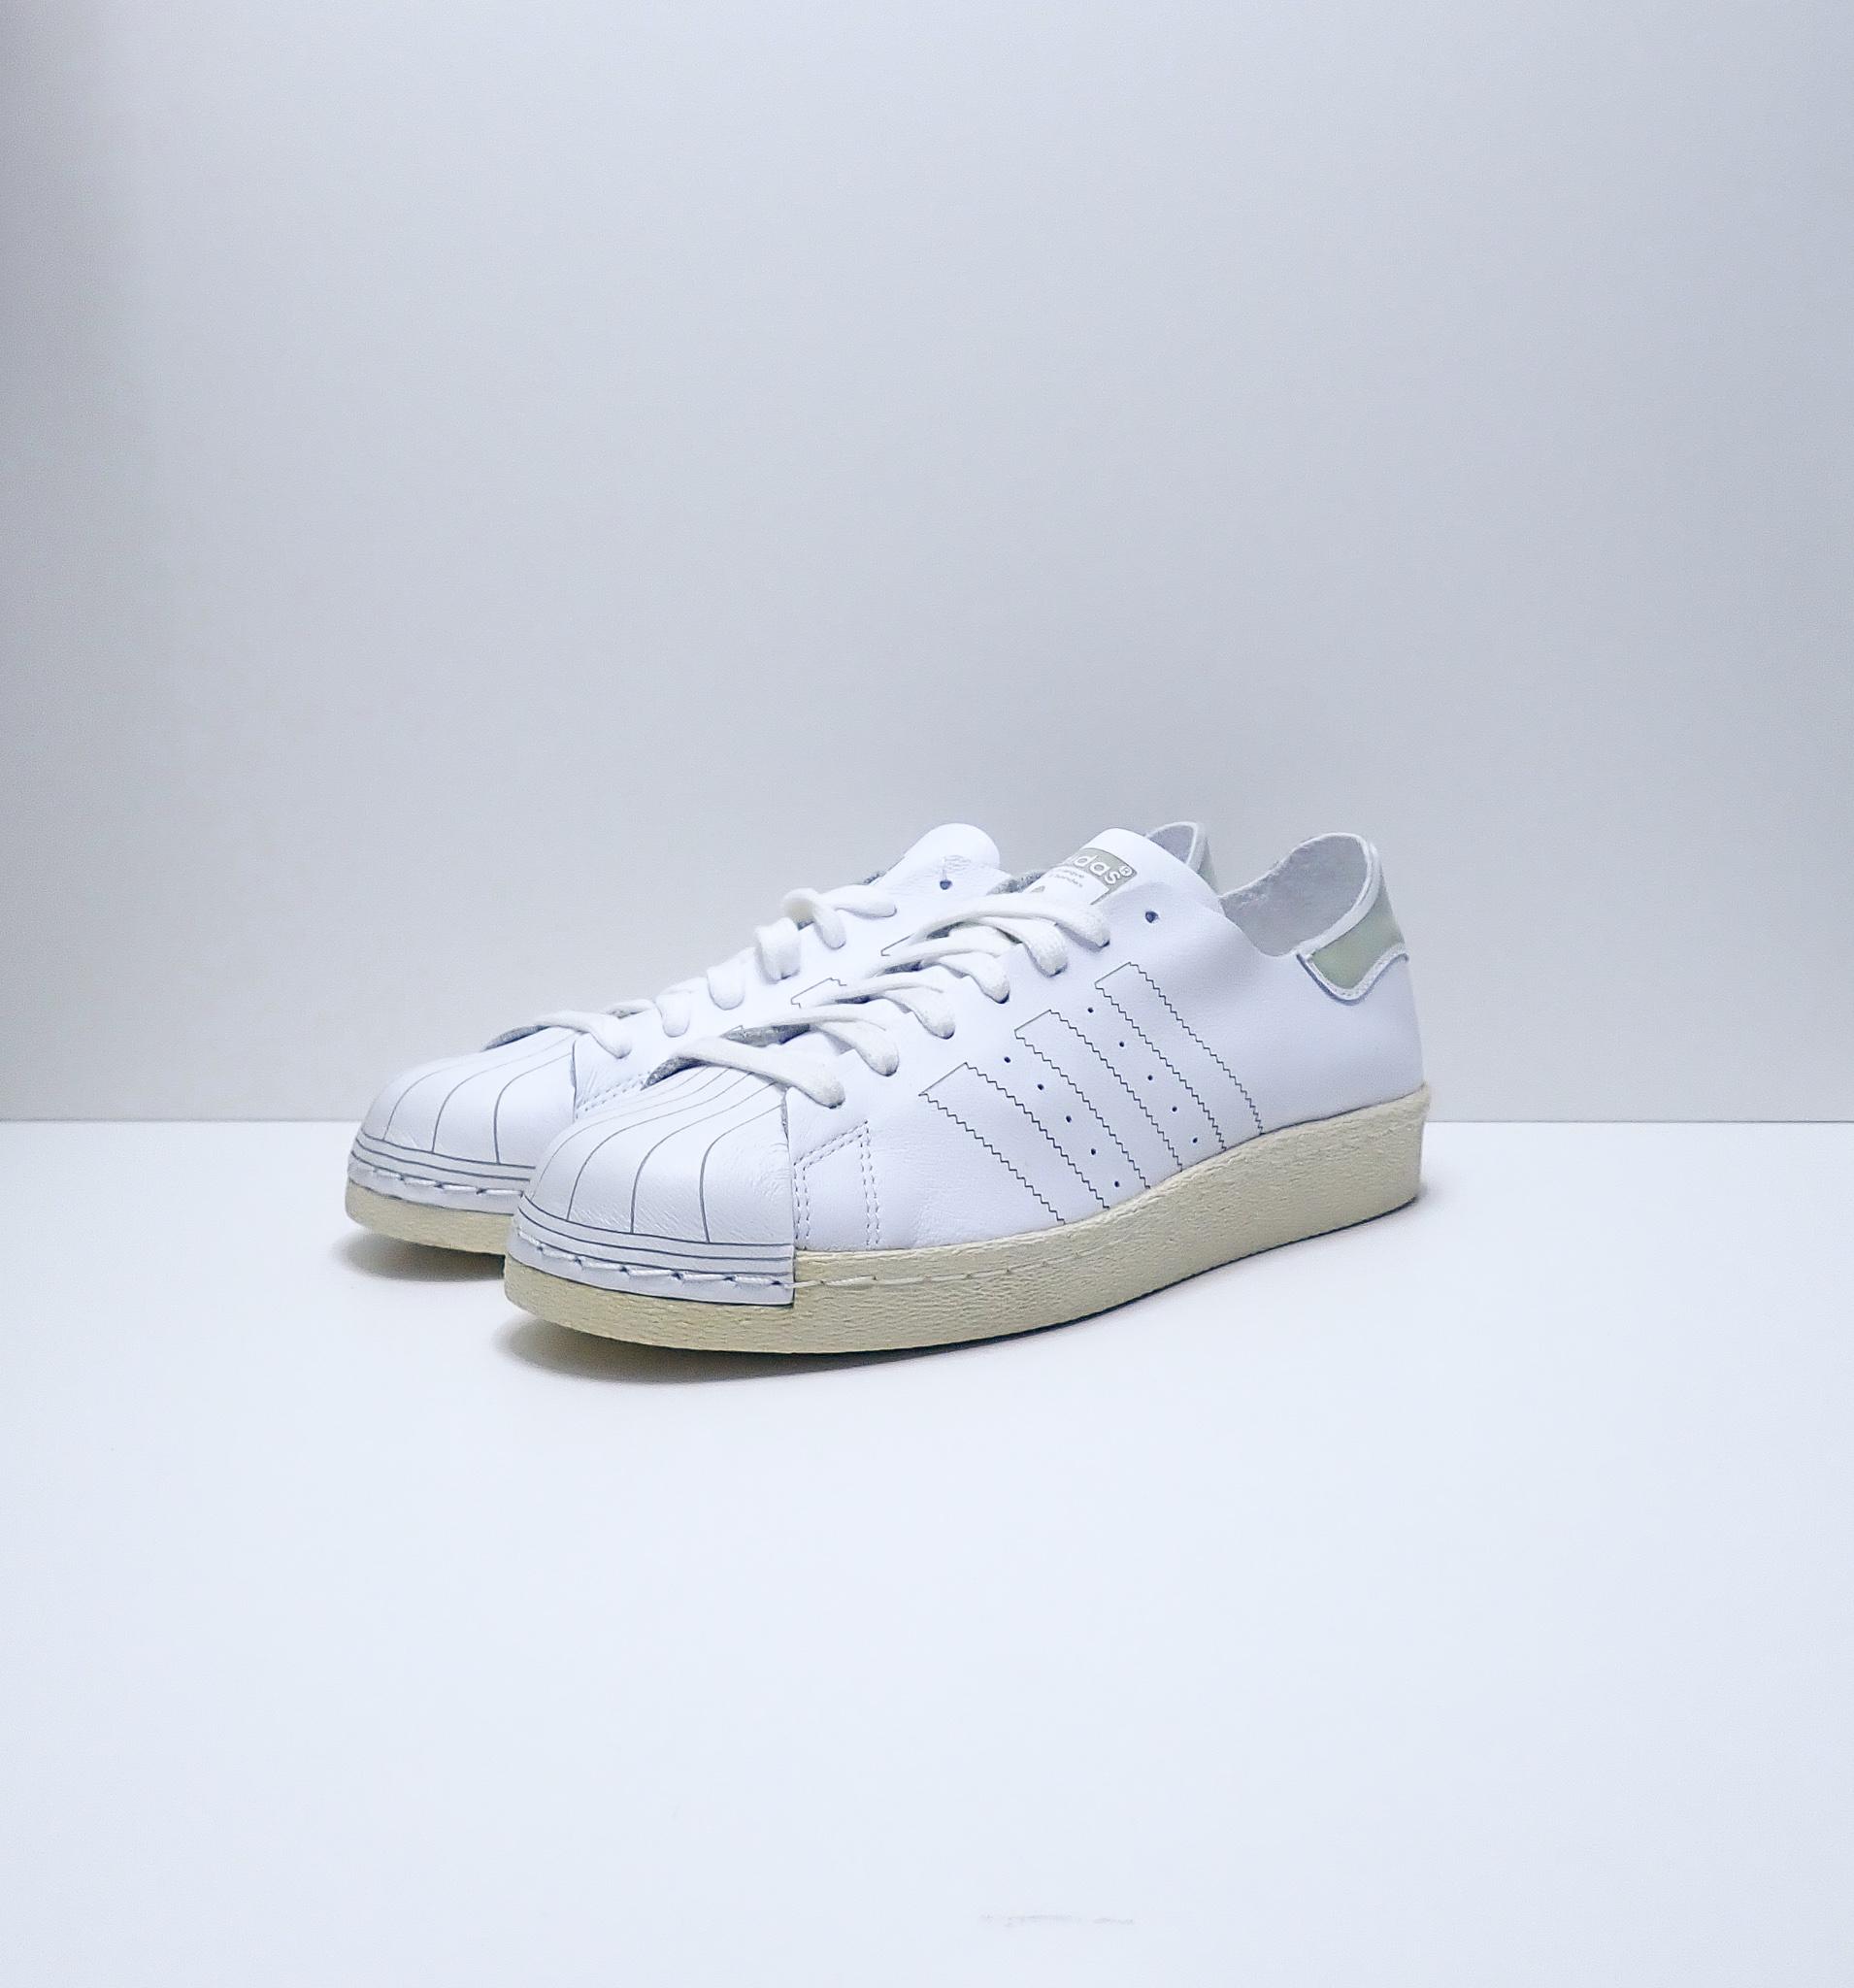 Adidas Superstar 80s Decon